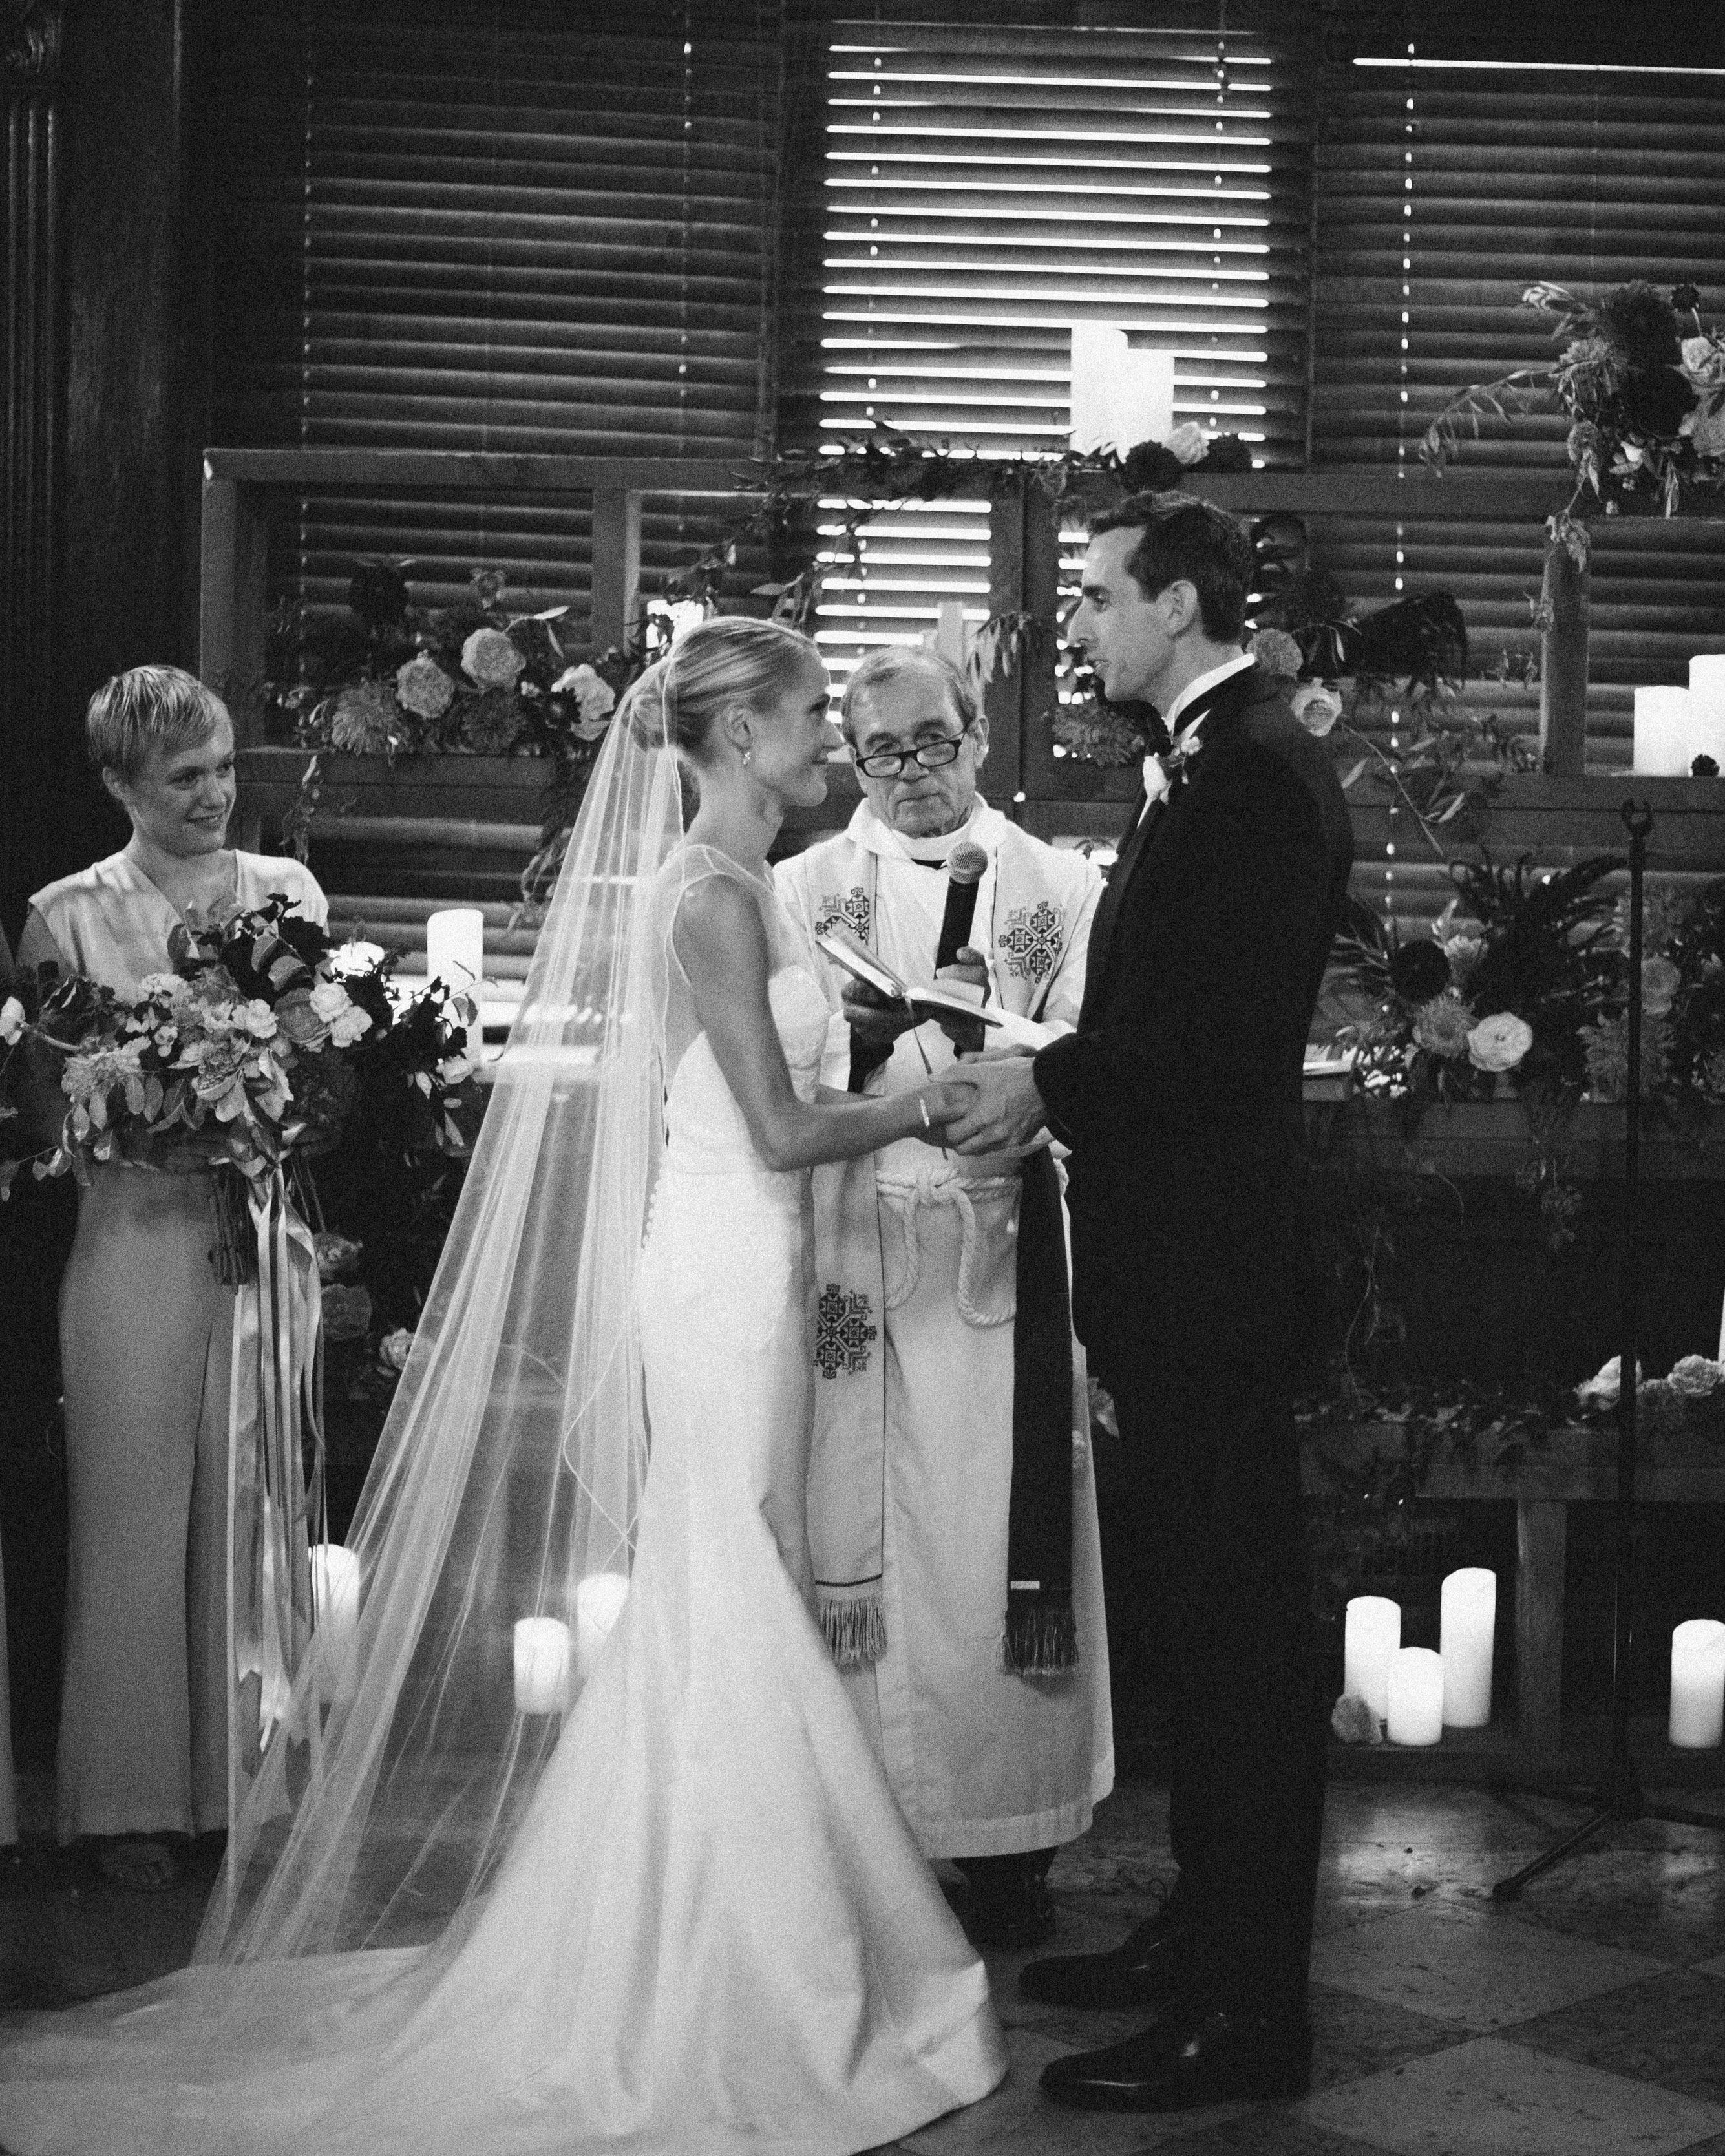 katie-kent-wedding-ceremony-572-s112765-0316.jpg